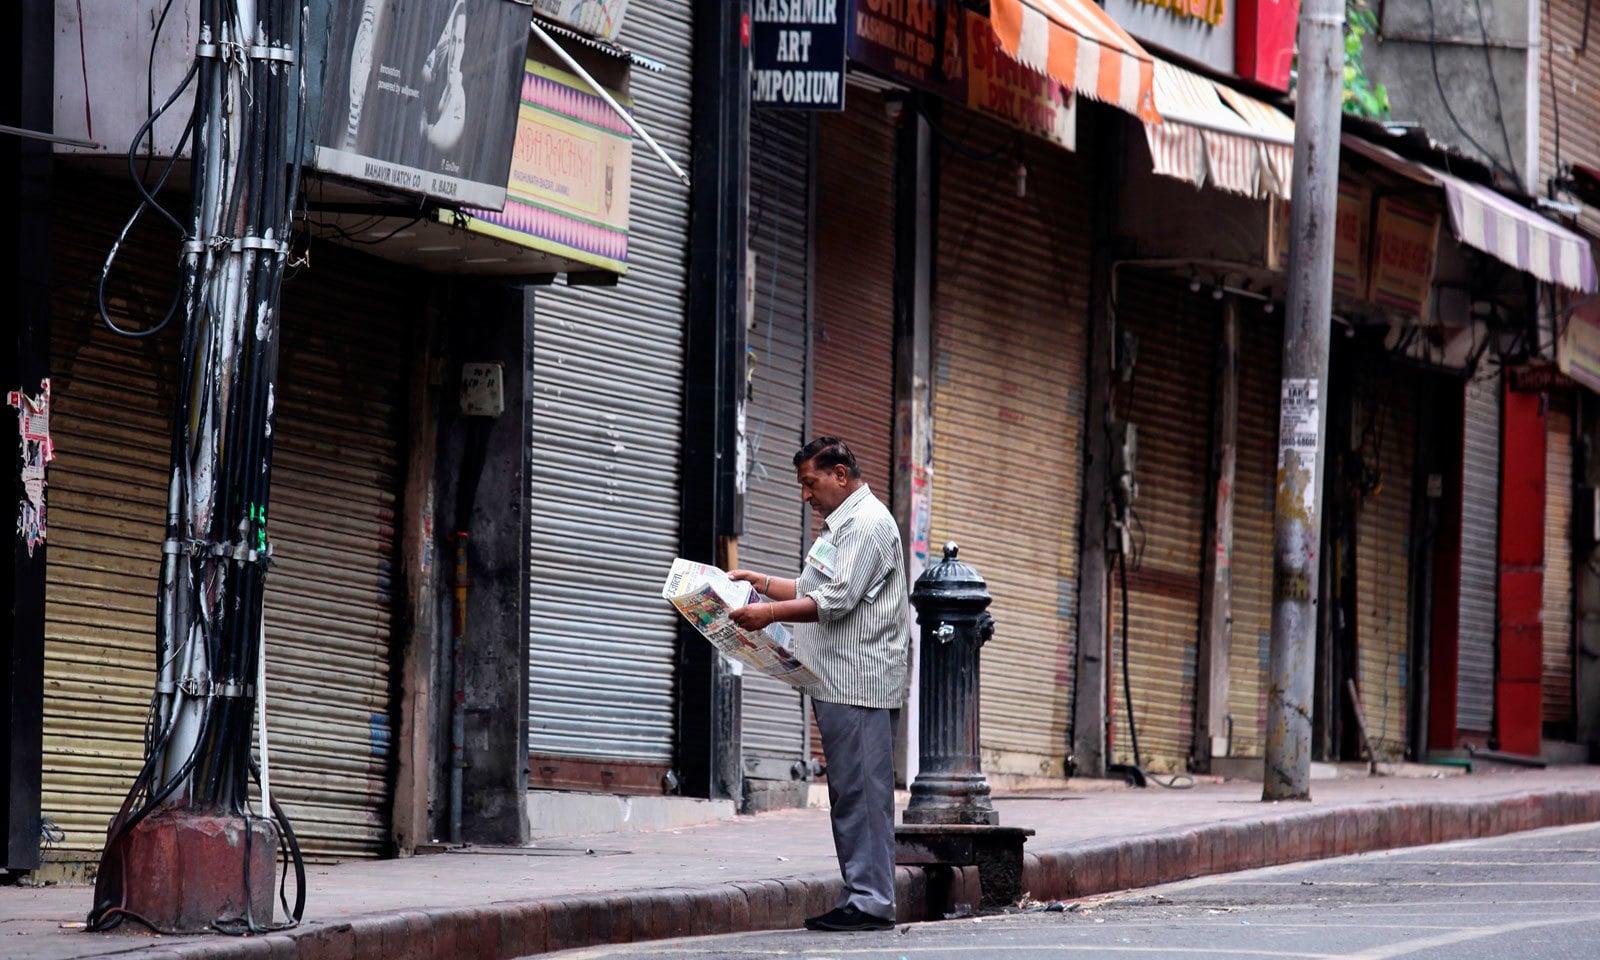 بھارت نے مقبوضہ کشمیر میں غیر معینہ مدت تک کرفیو نافذ کتردیا ہے — فوٹو: اے ایف پی